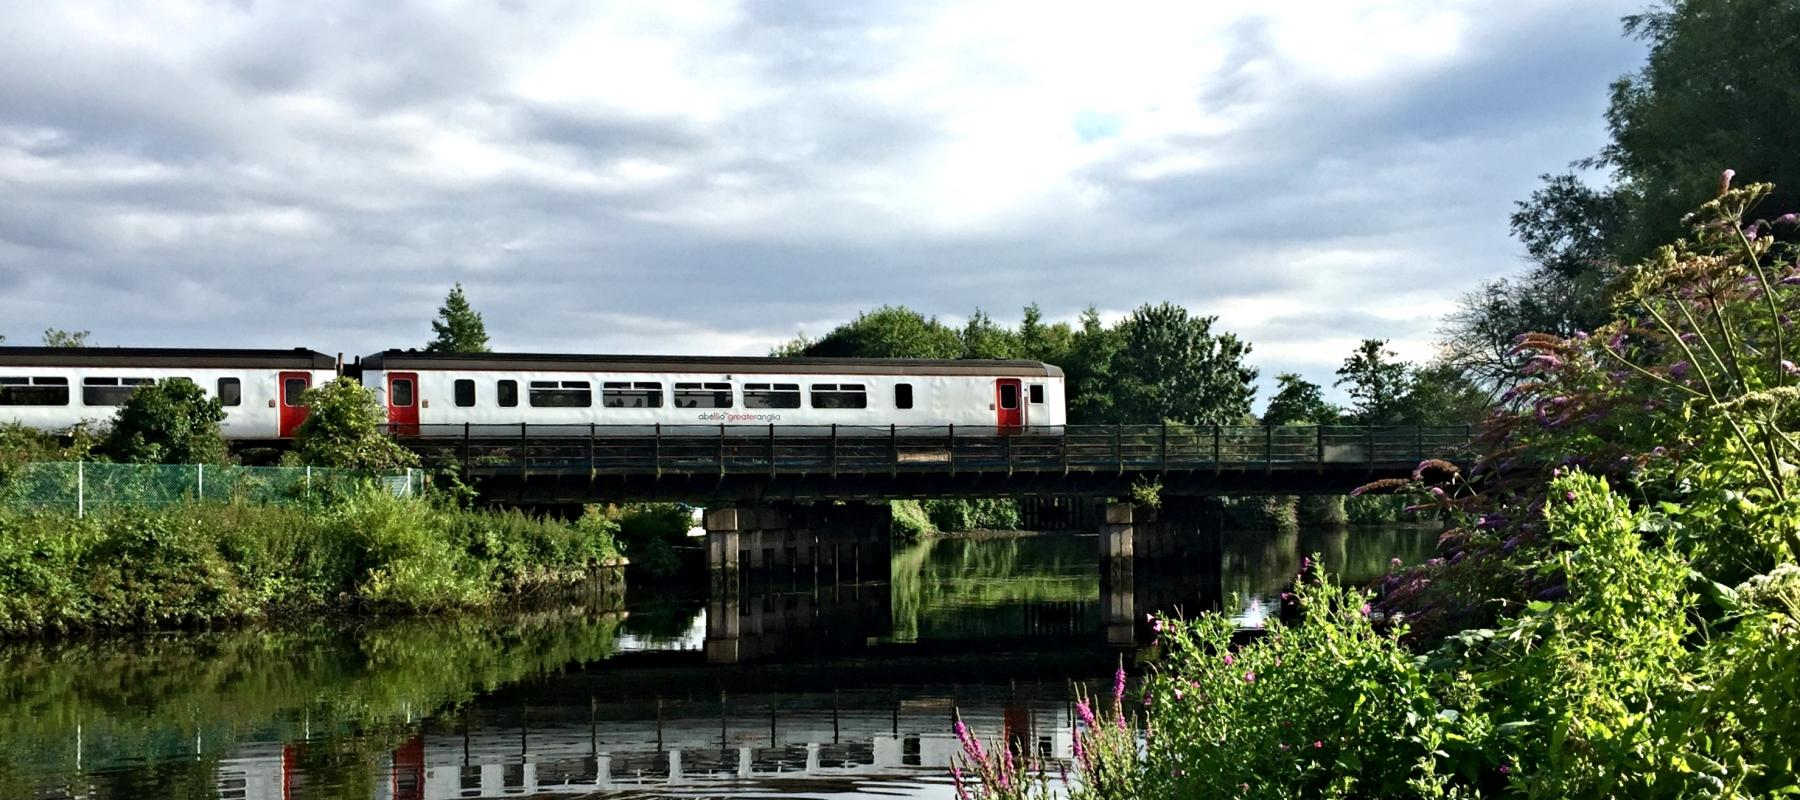 7 scenic rail routes